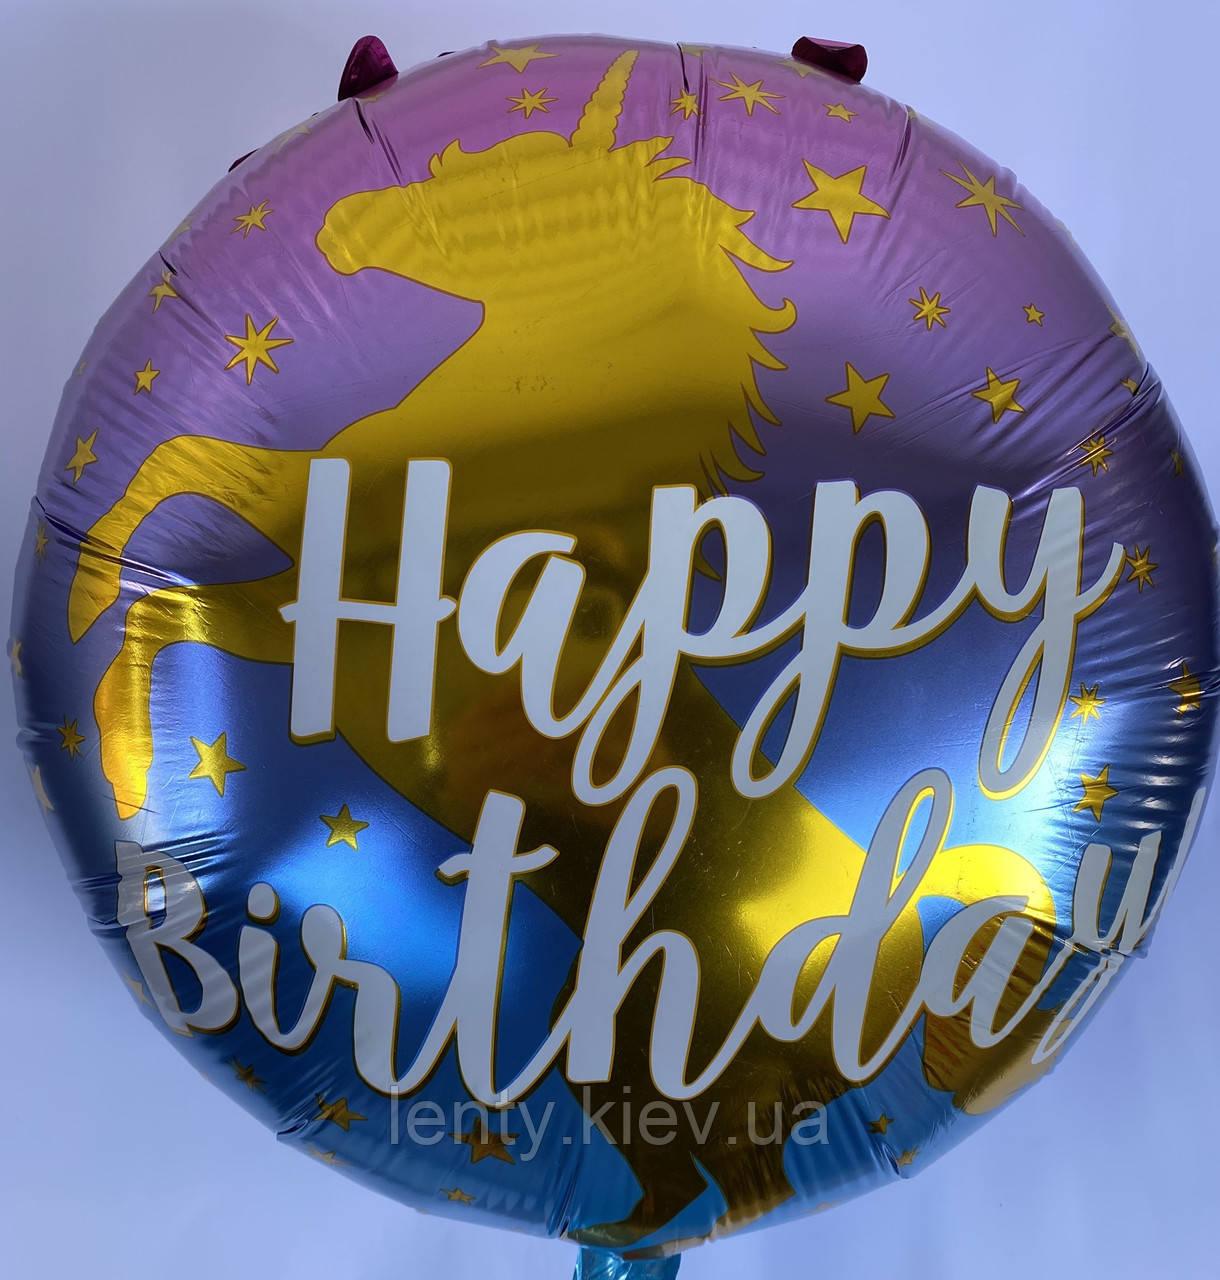 """ШАРЫ ФОЛЬГИРОВАННЫЕ КРУГЛЫЕ """"Happy Birthday"""" . ДИАМЕТР:18""""(45 СМ)  с золотым единорогом"""